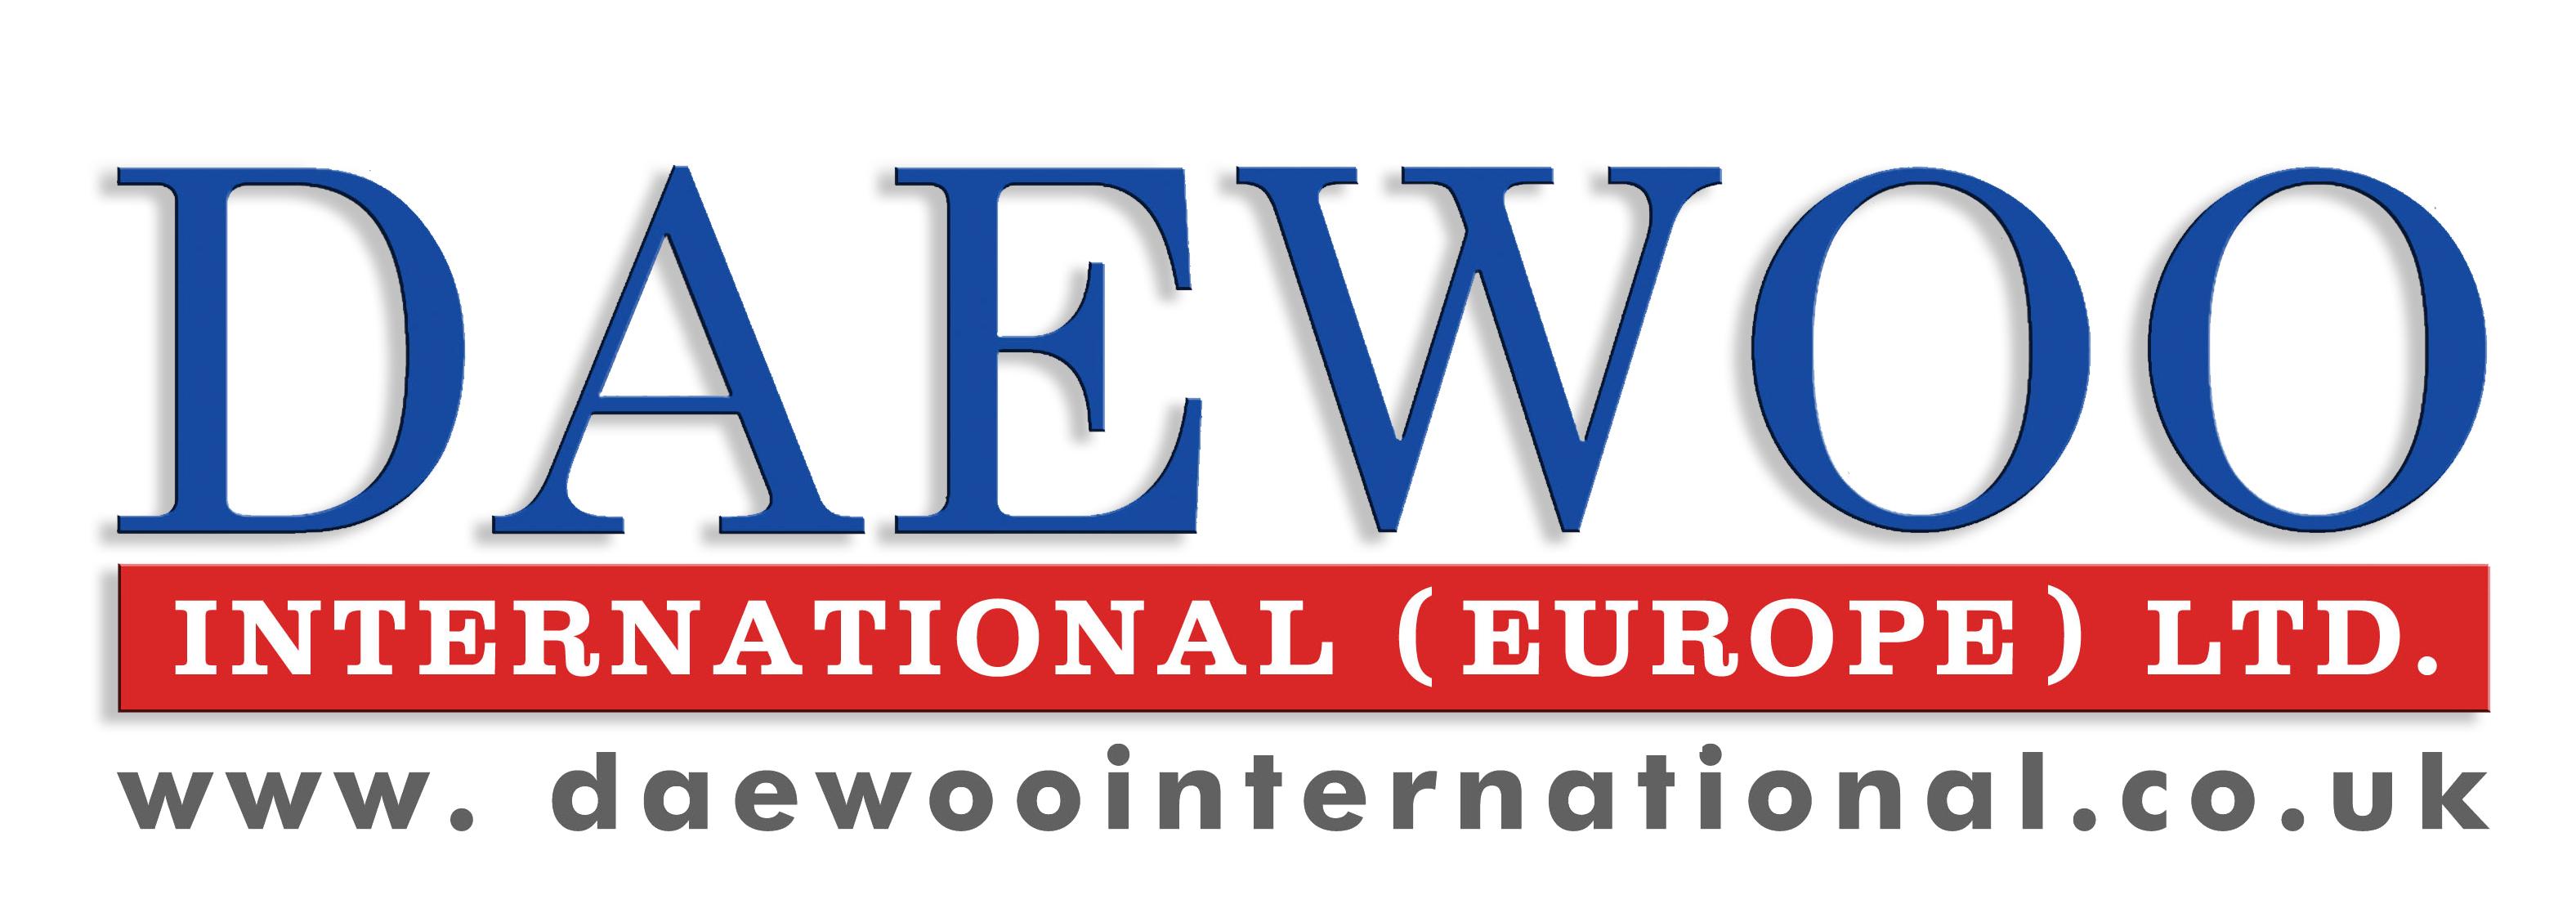 daewoo-logo | Daewoo International